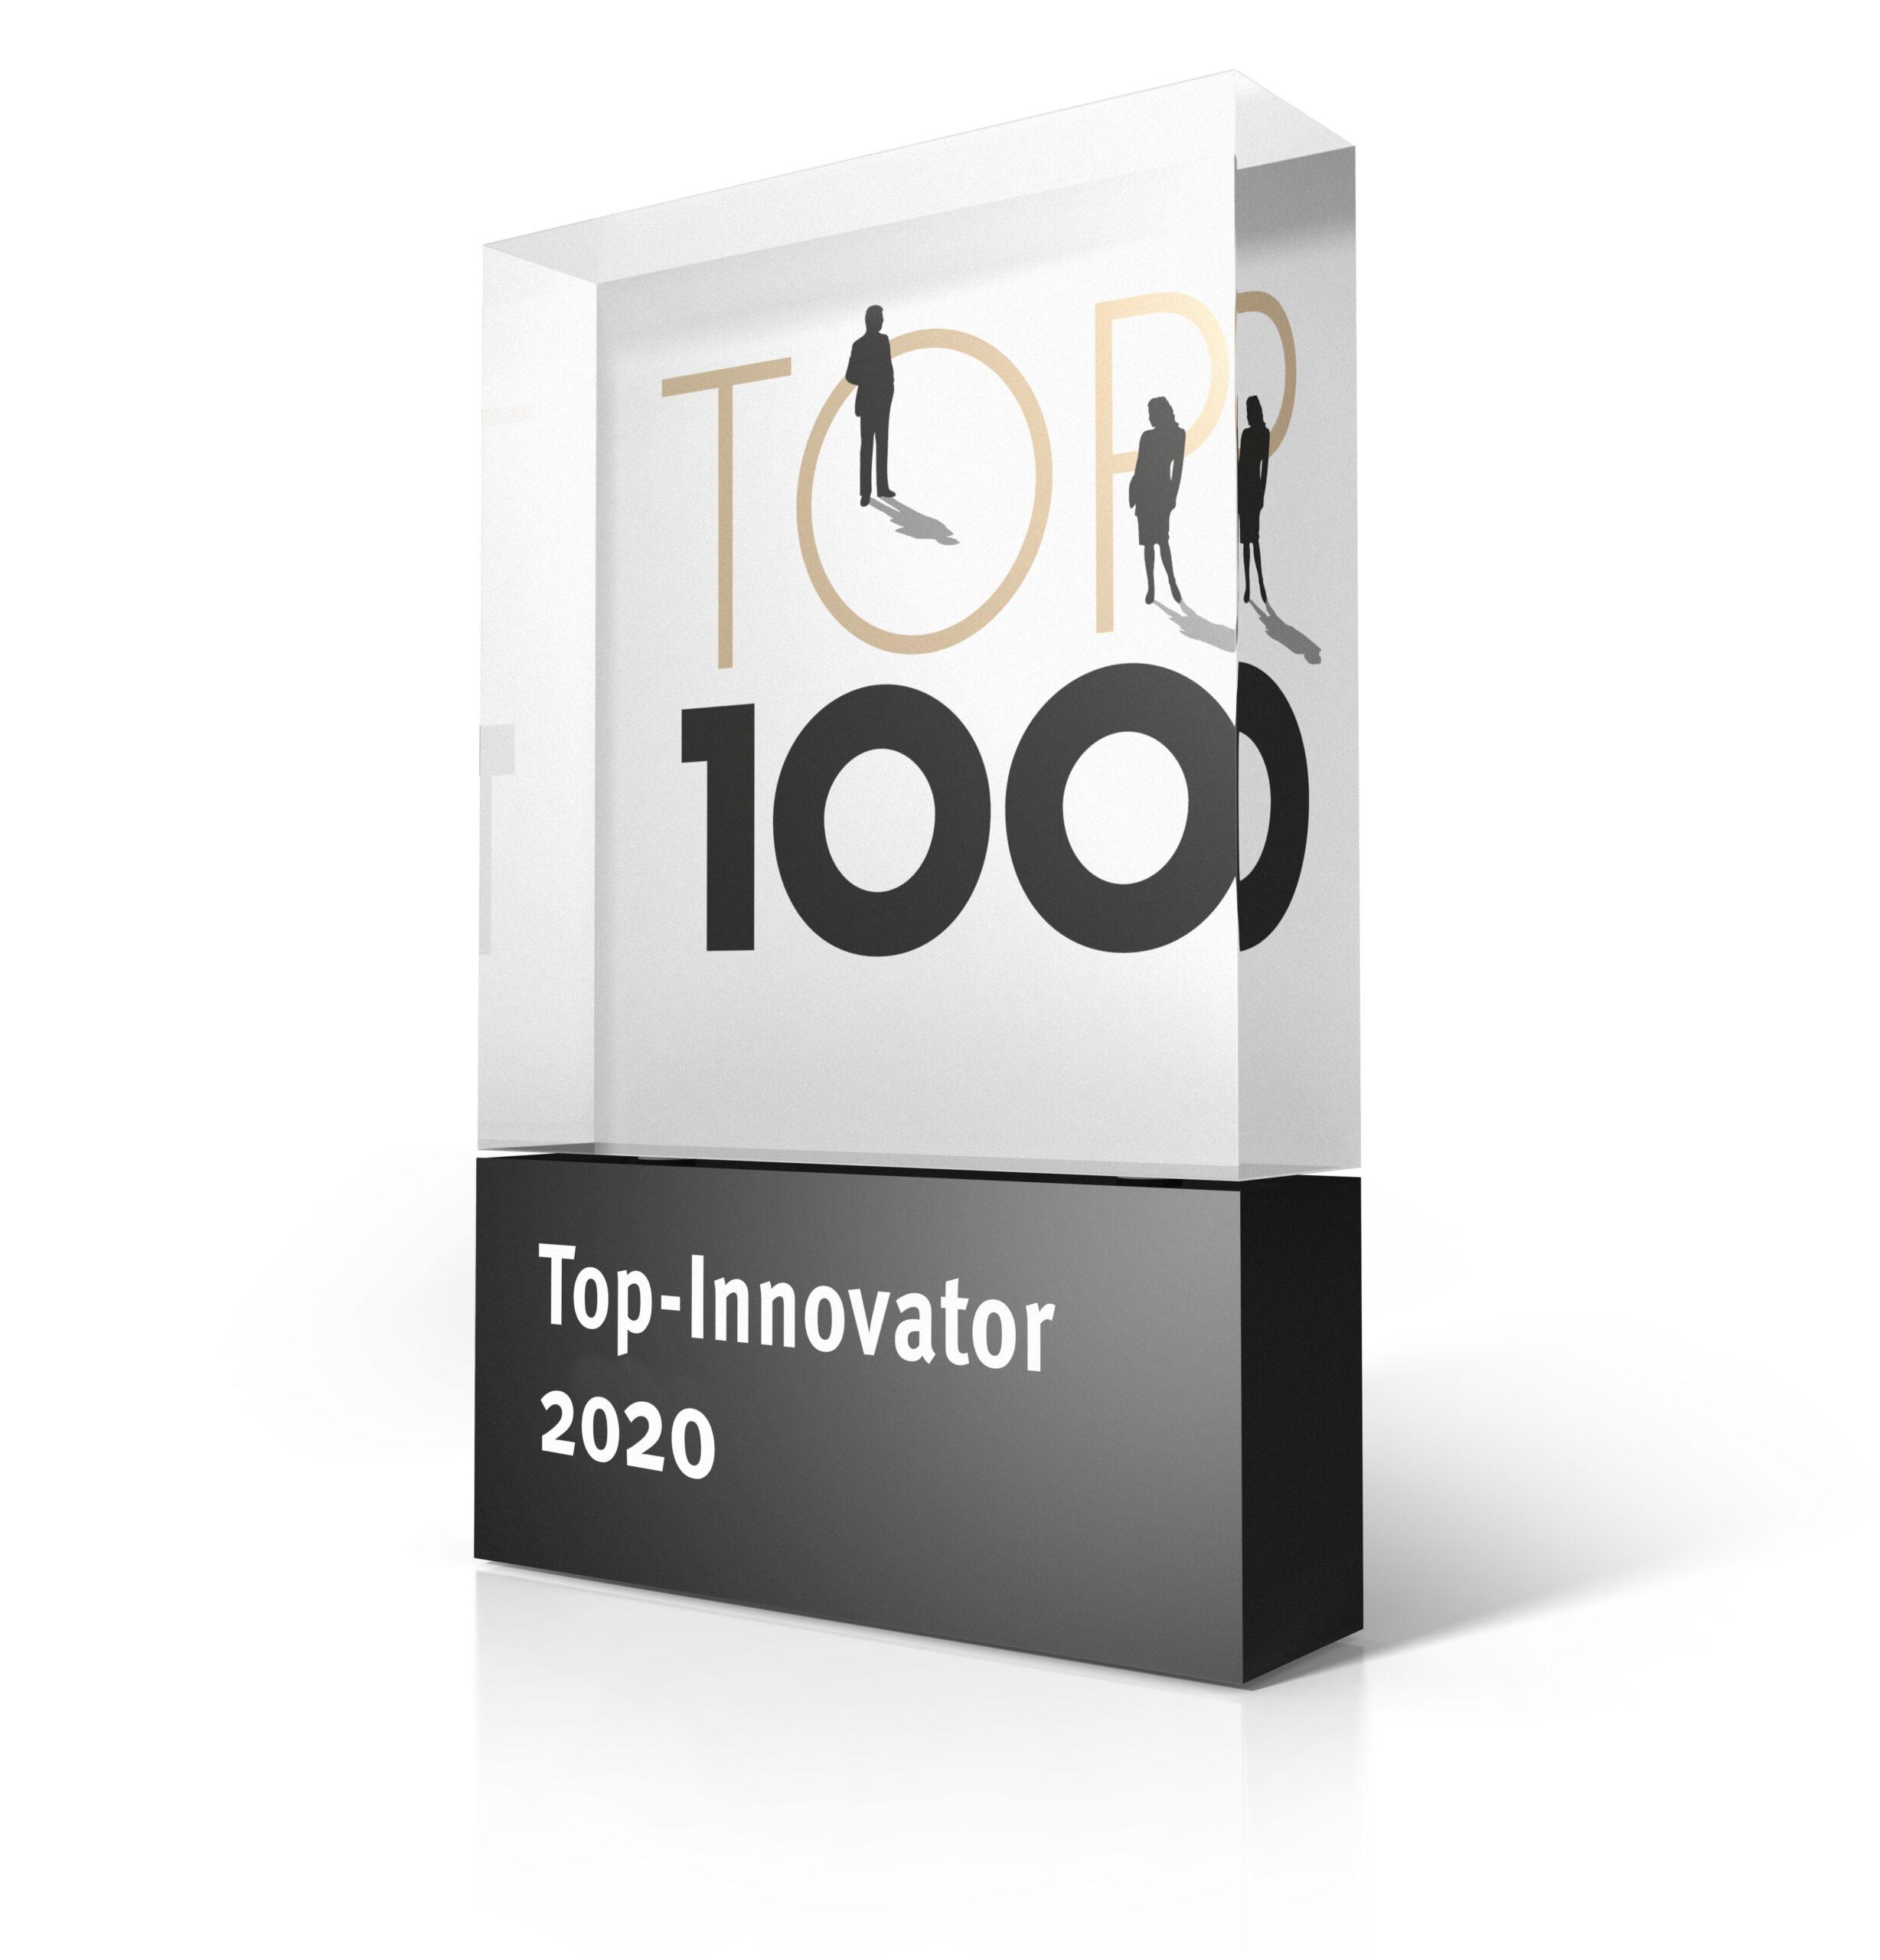 Humanas gehört zu den Top-Innovatoren des deutschen Mittelstands